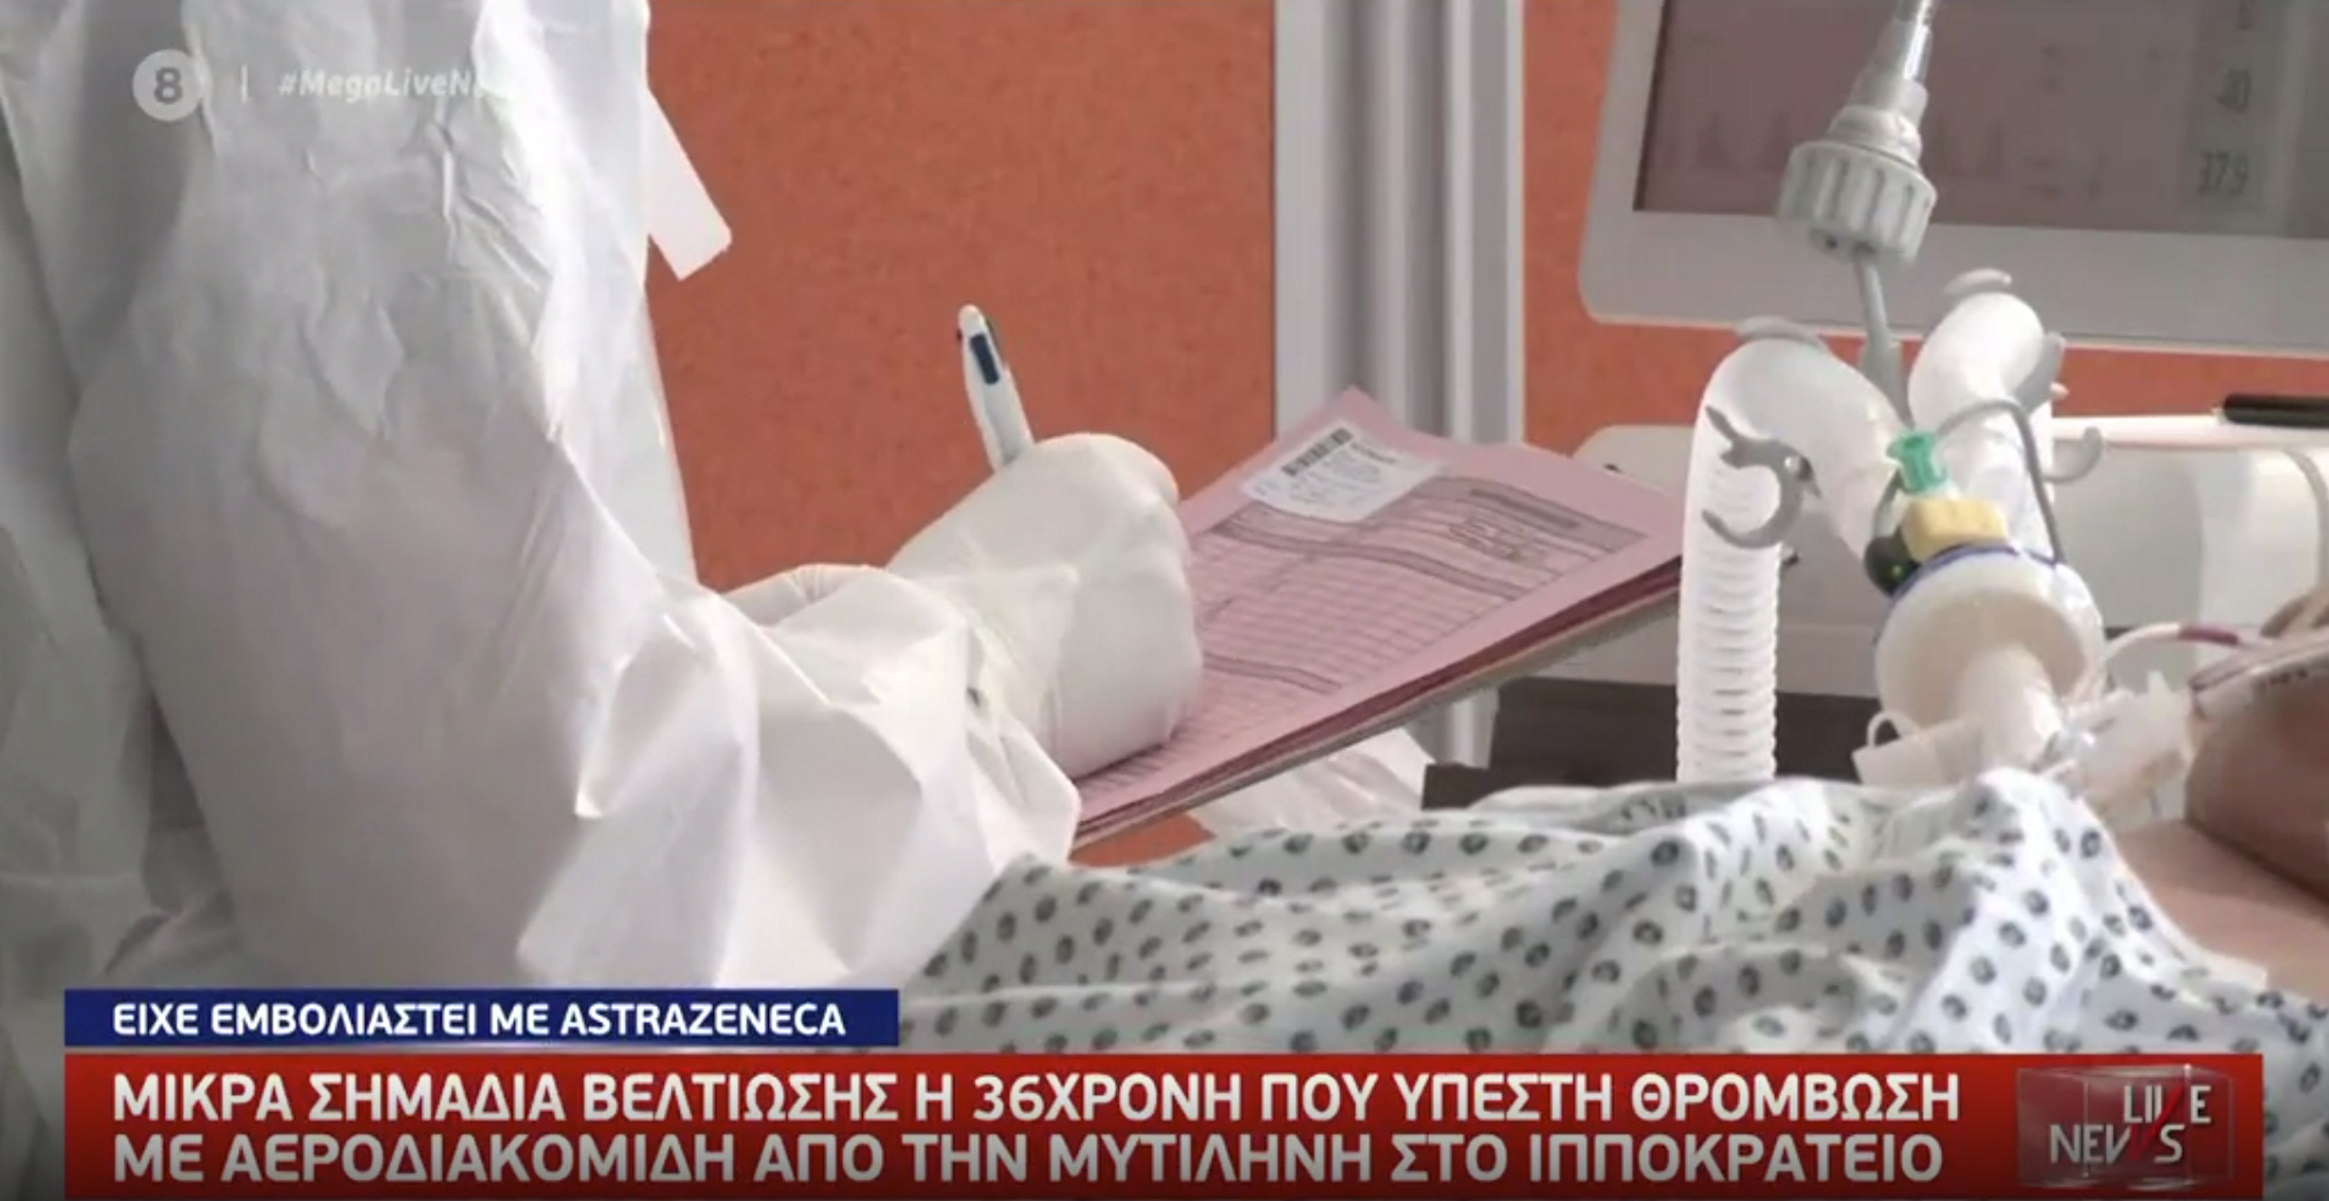 Κορονοϊός – Λέσβος: Από έναν απλό πονοκέφαλο, στο Ιπποκράτειο με θρόμβωση για 36χρονη (video)